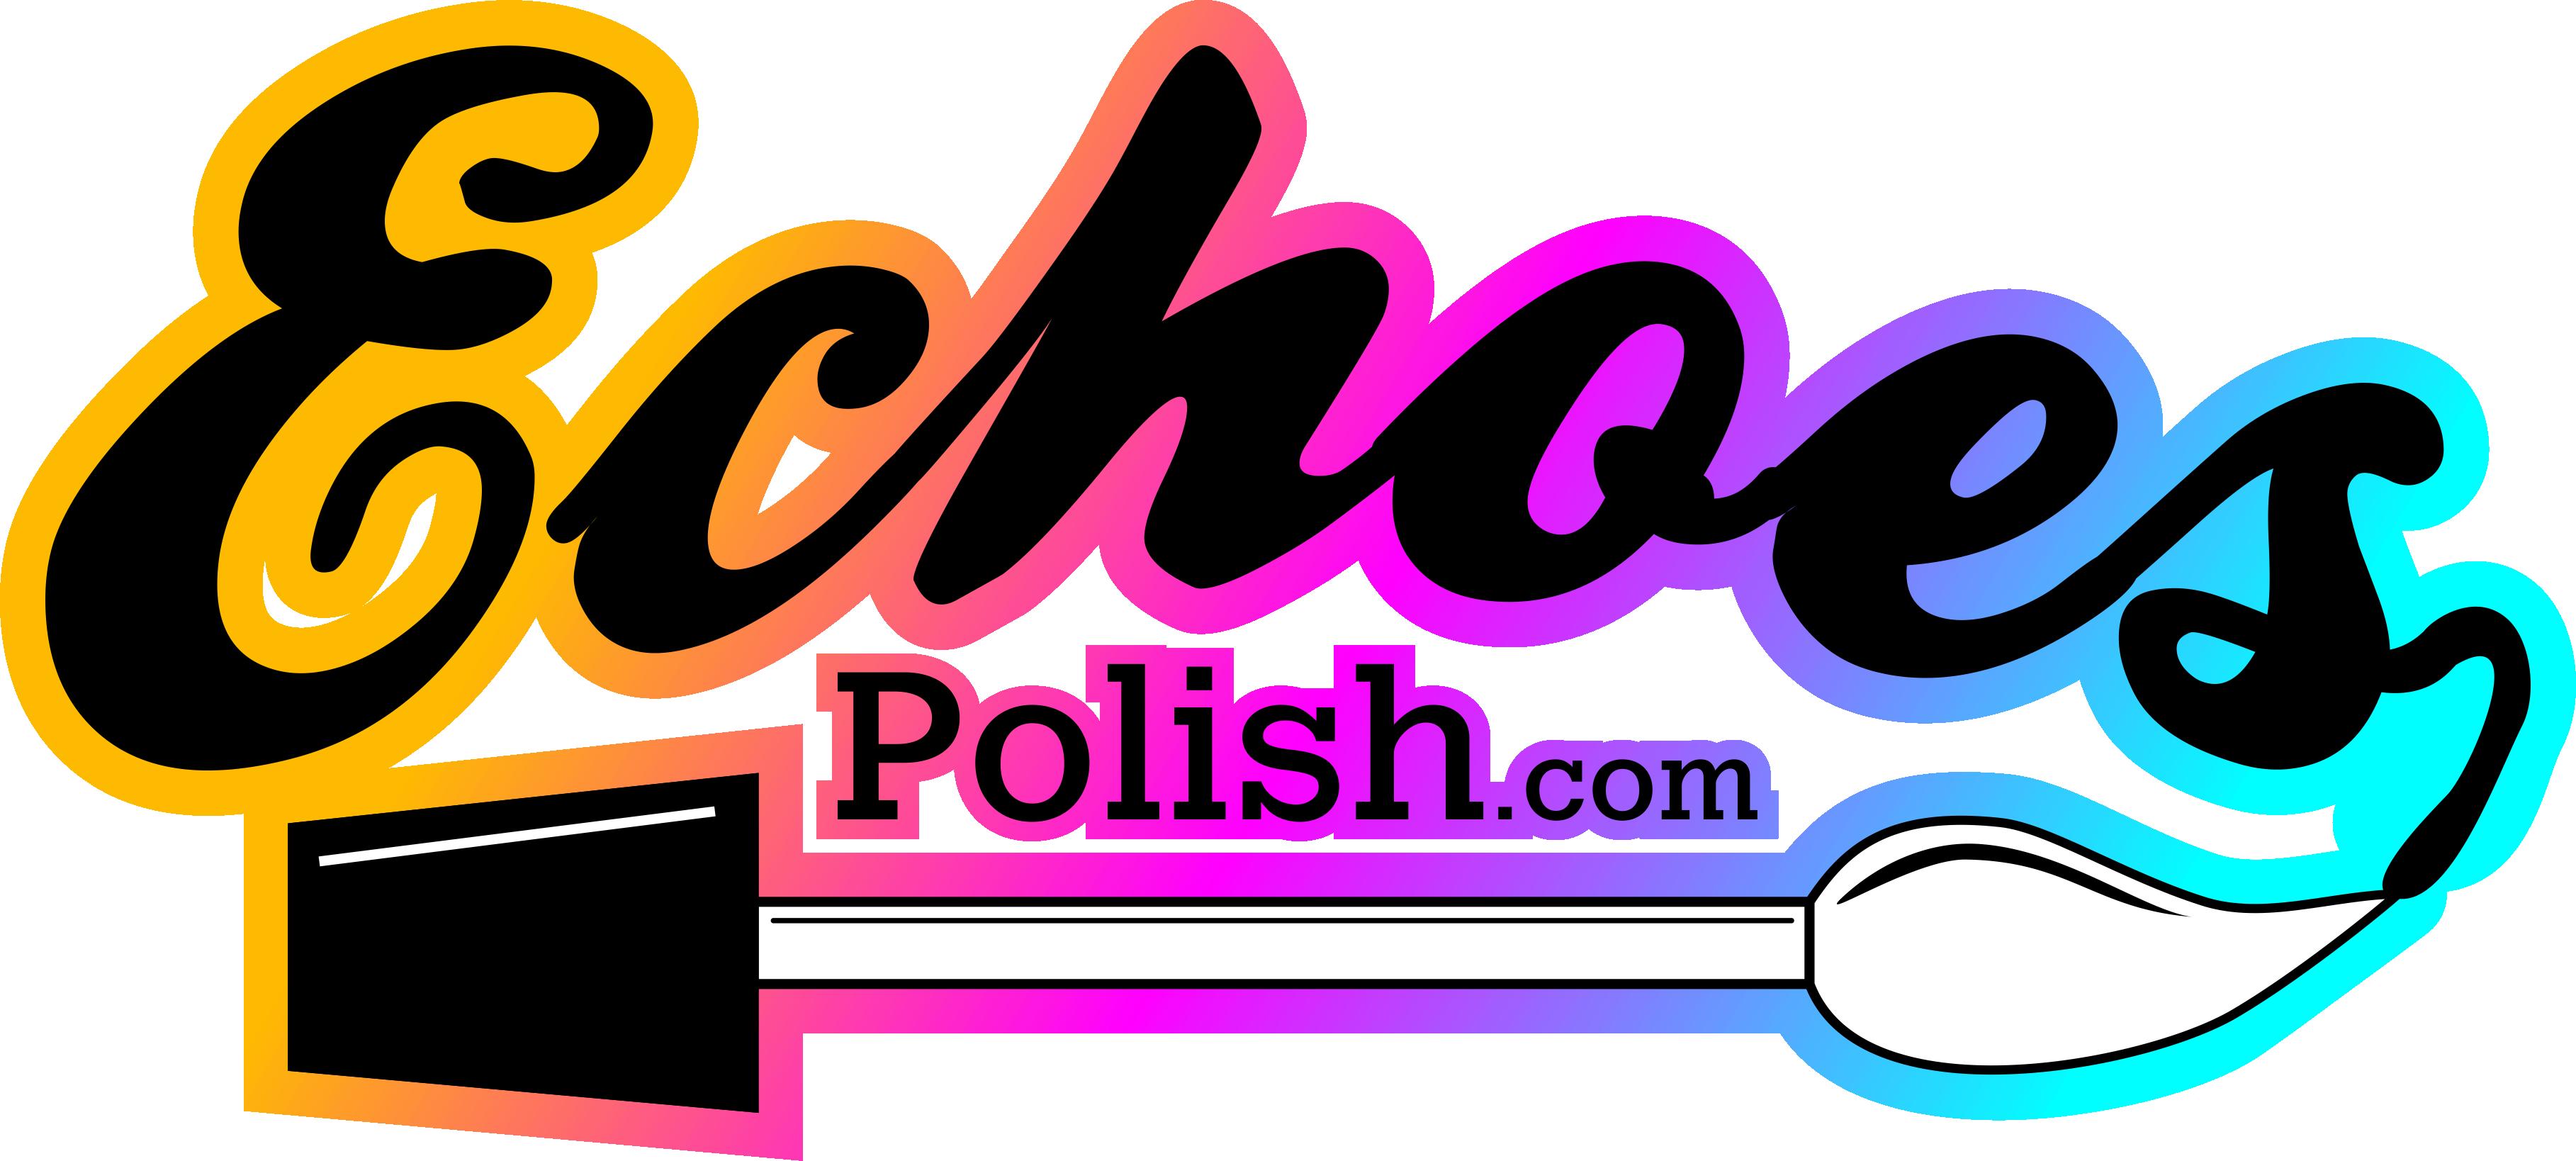 Echoes Polish